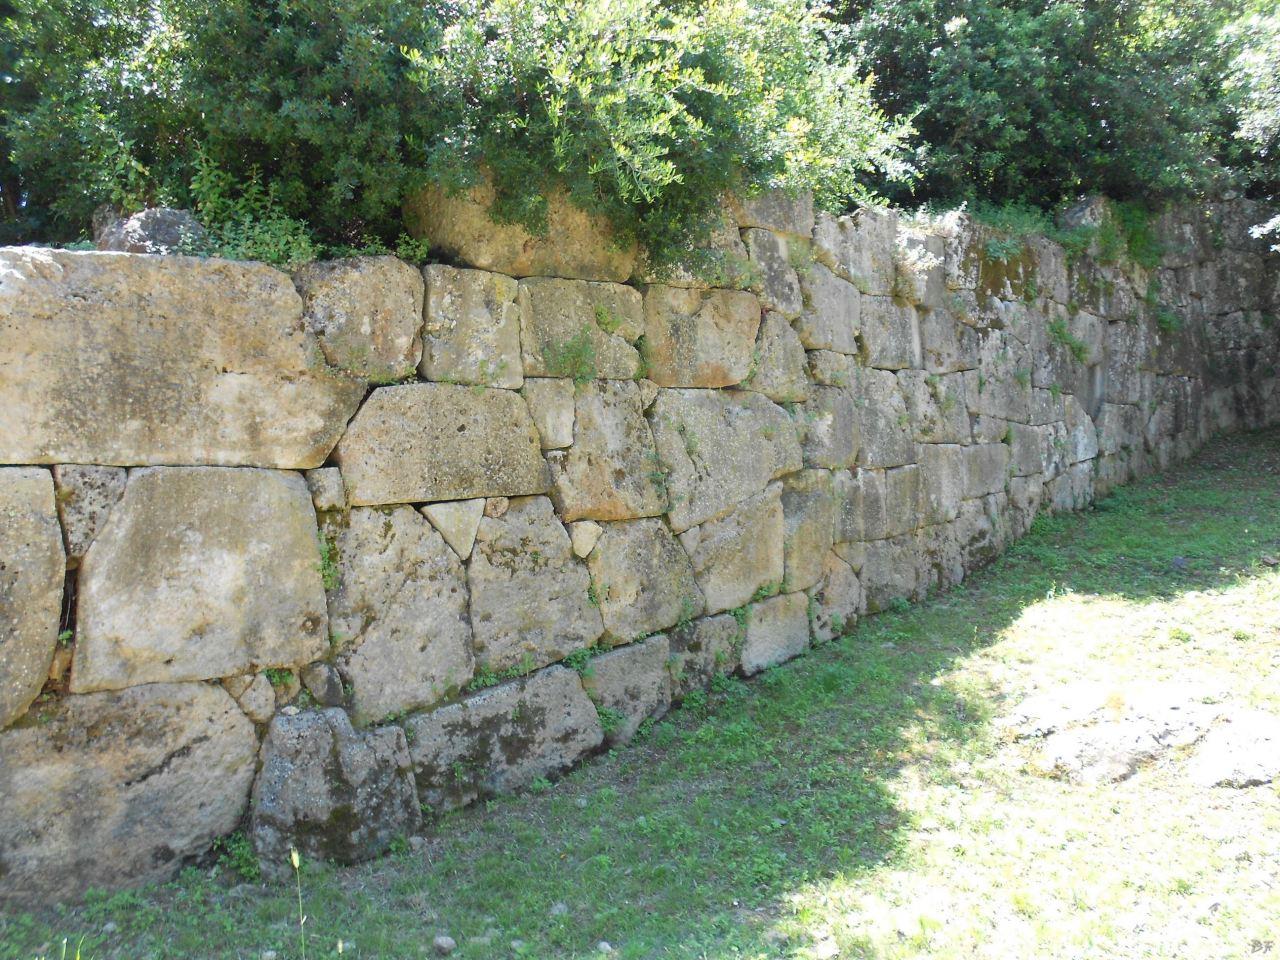 Cosa-Mura-Megalitiche-Ansedonia-Grosseto-Toscana-Italia-21